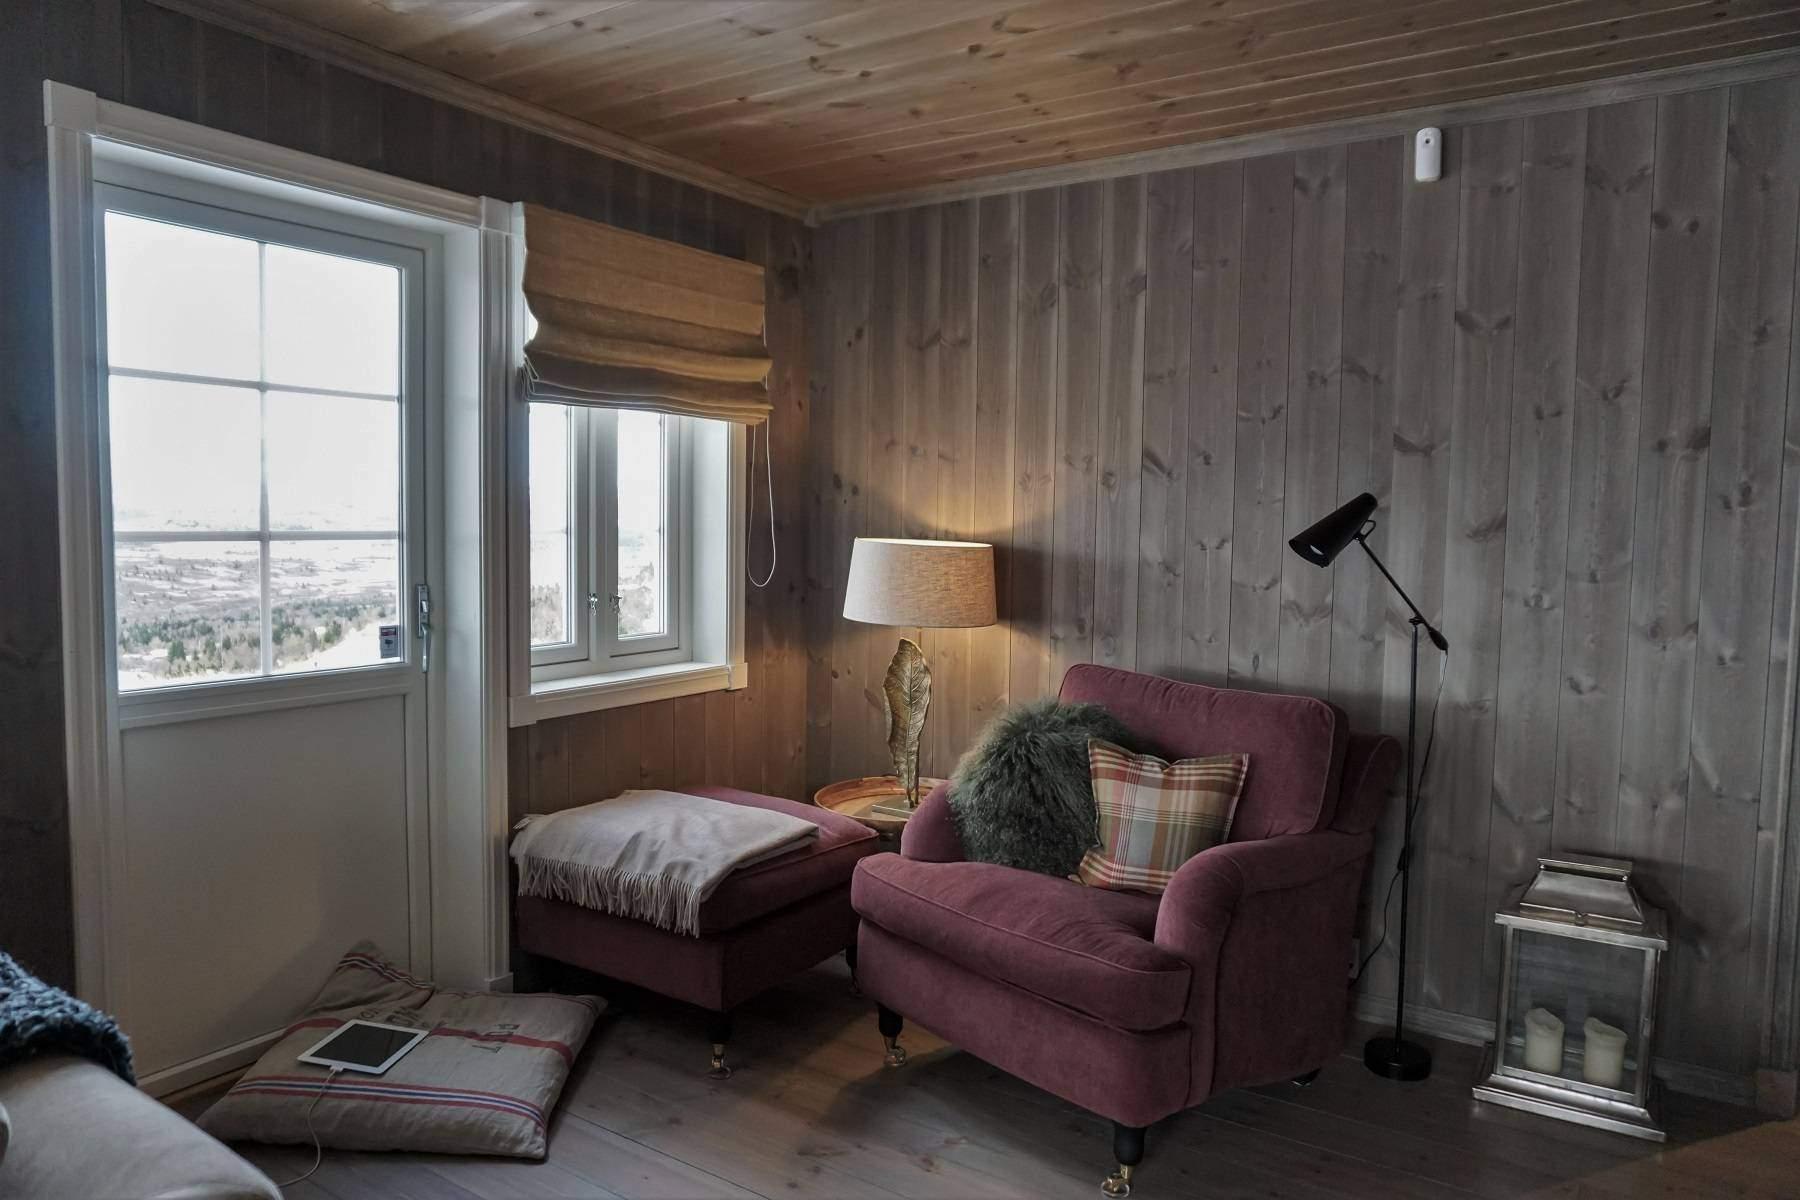 154 Hytteinteriør Hytteinspirasjon Strynsfjell 122 på Høyset Panorama Vaset. Lesekroken i stua med dør ut til en lun terrassekrok